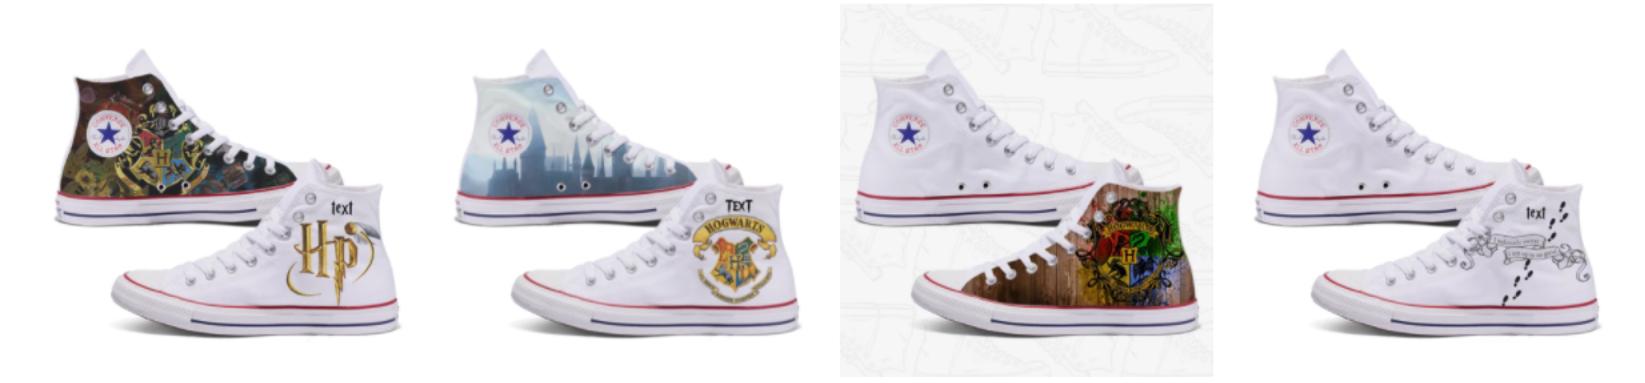 Bump Shoes Harry Potter